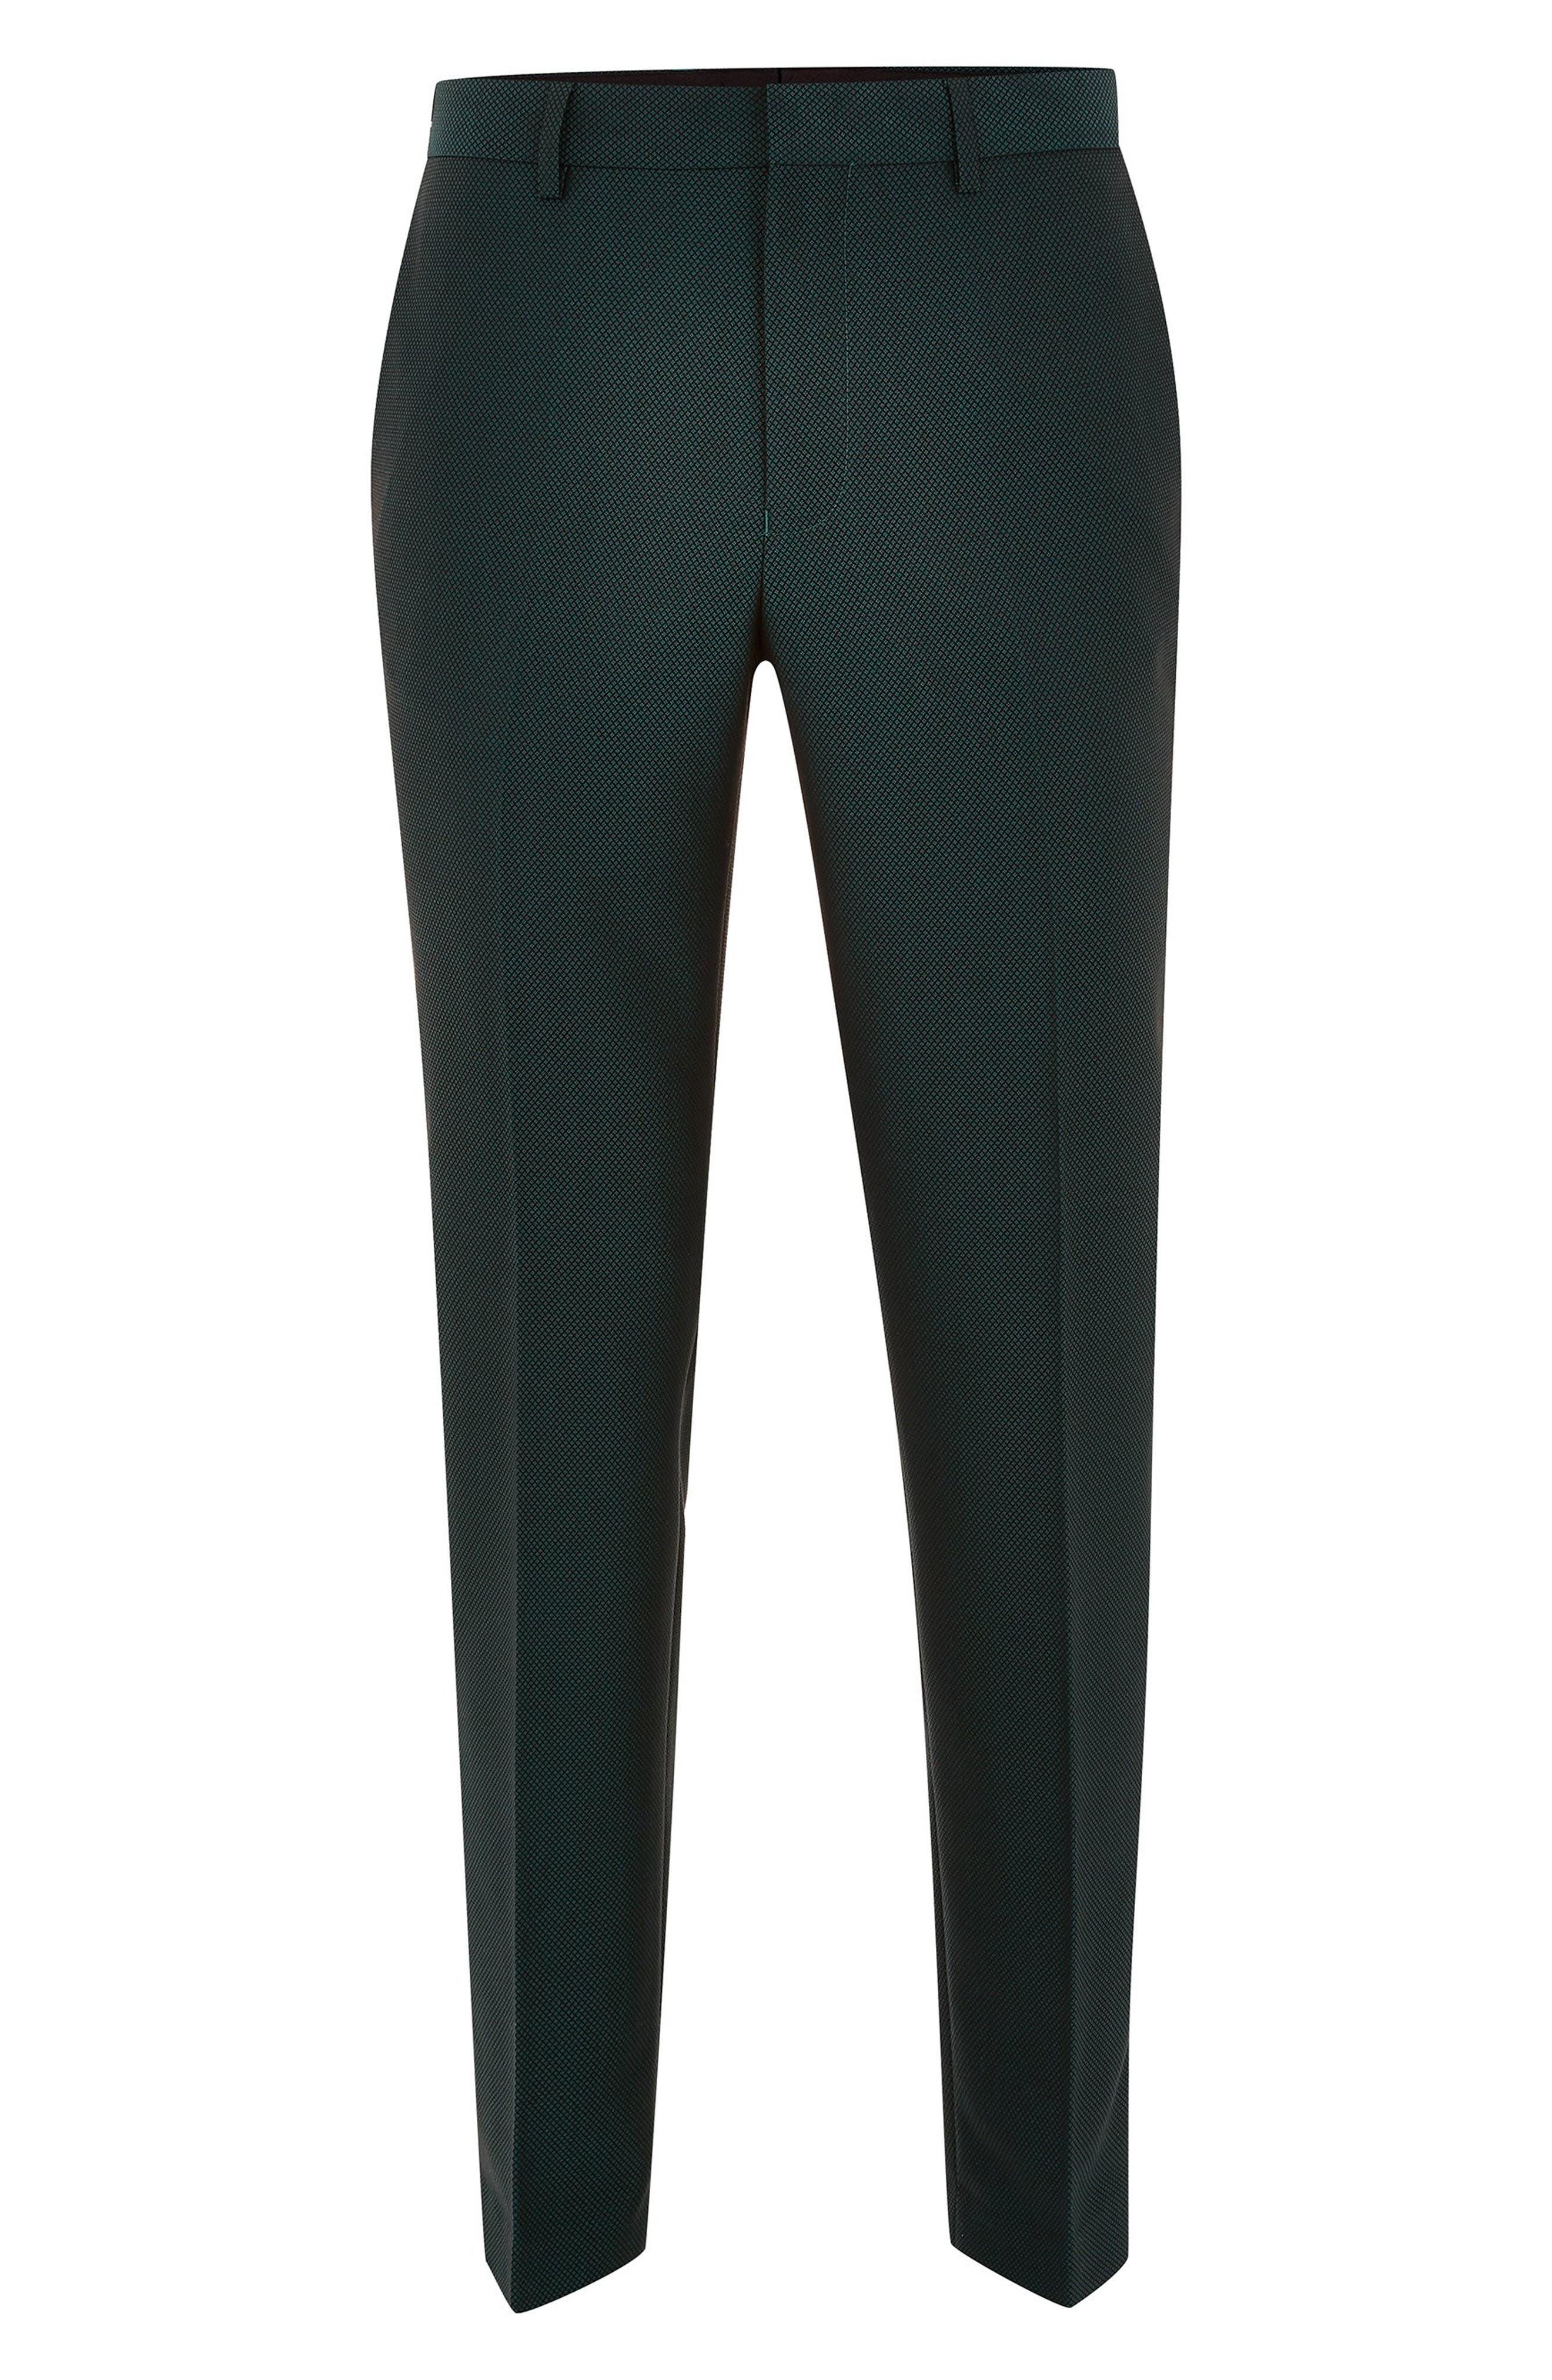 TOPMAN,                             Banbury Slim Fit Suit Trousers,                             Alternate thumbnail 4, color,                             300